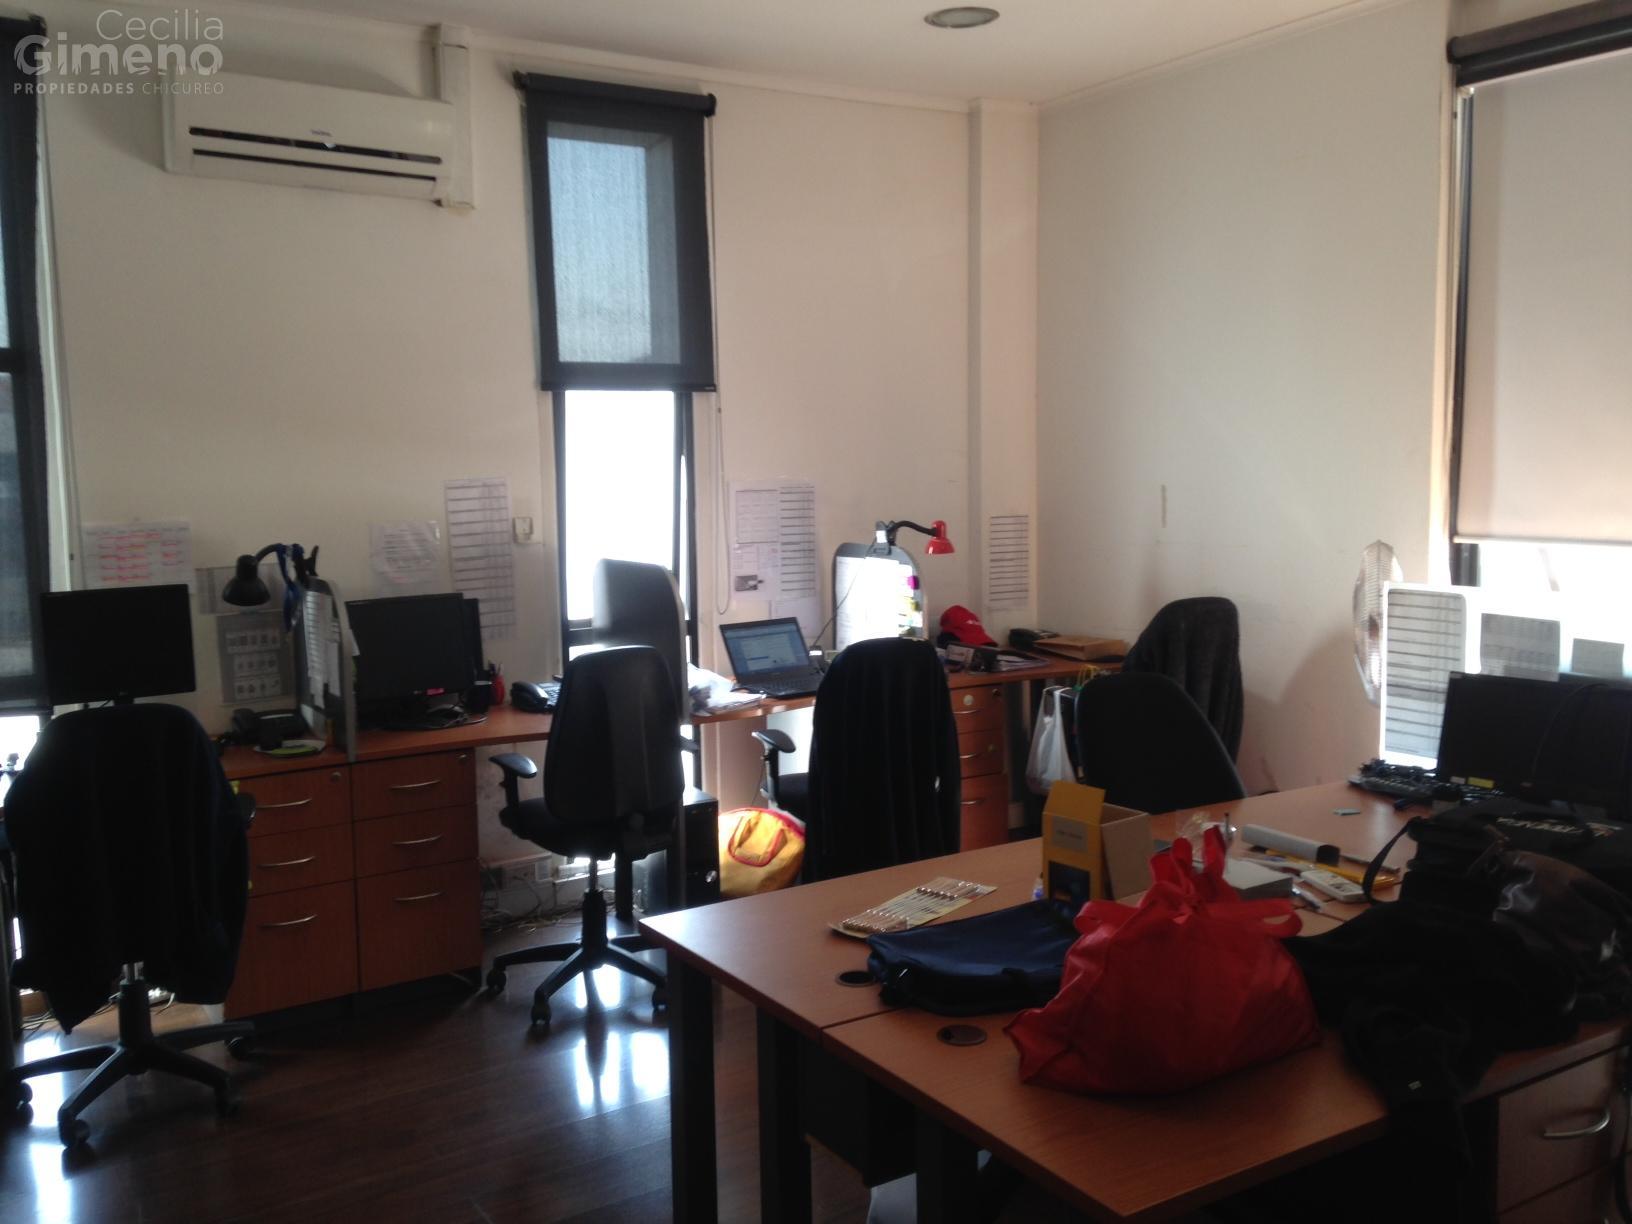 Oficina en Arriendo, Quilicura